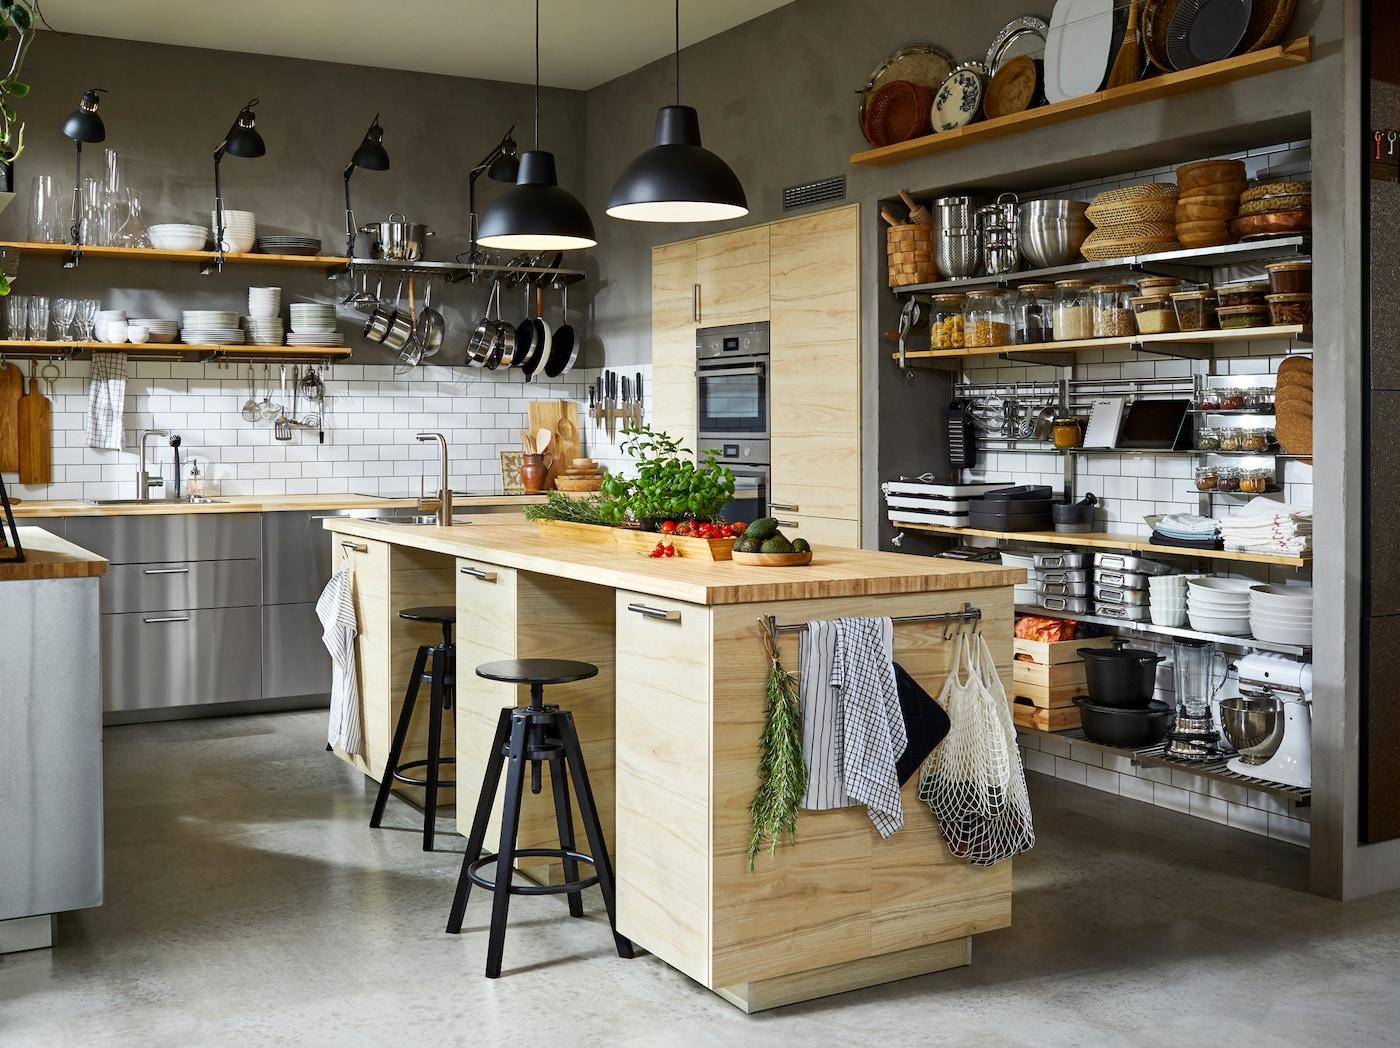 Kuhinja s frontovima od nerđajućeg čelika, dve crne visilice i prostranim kuhinjskim ostrvom s dve crne barske stoličice.